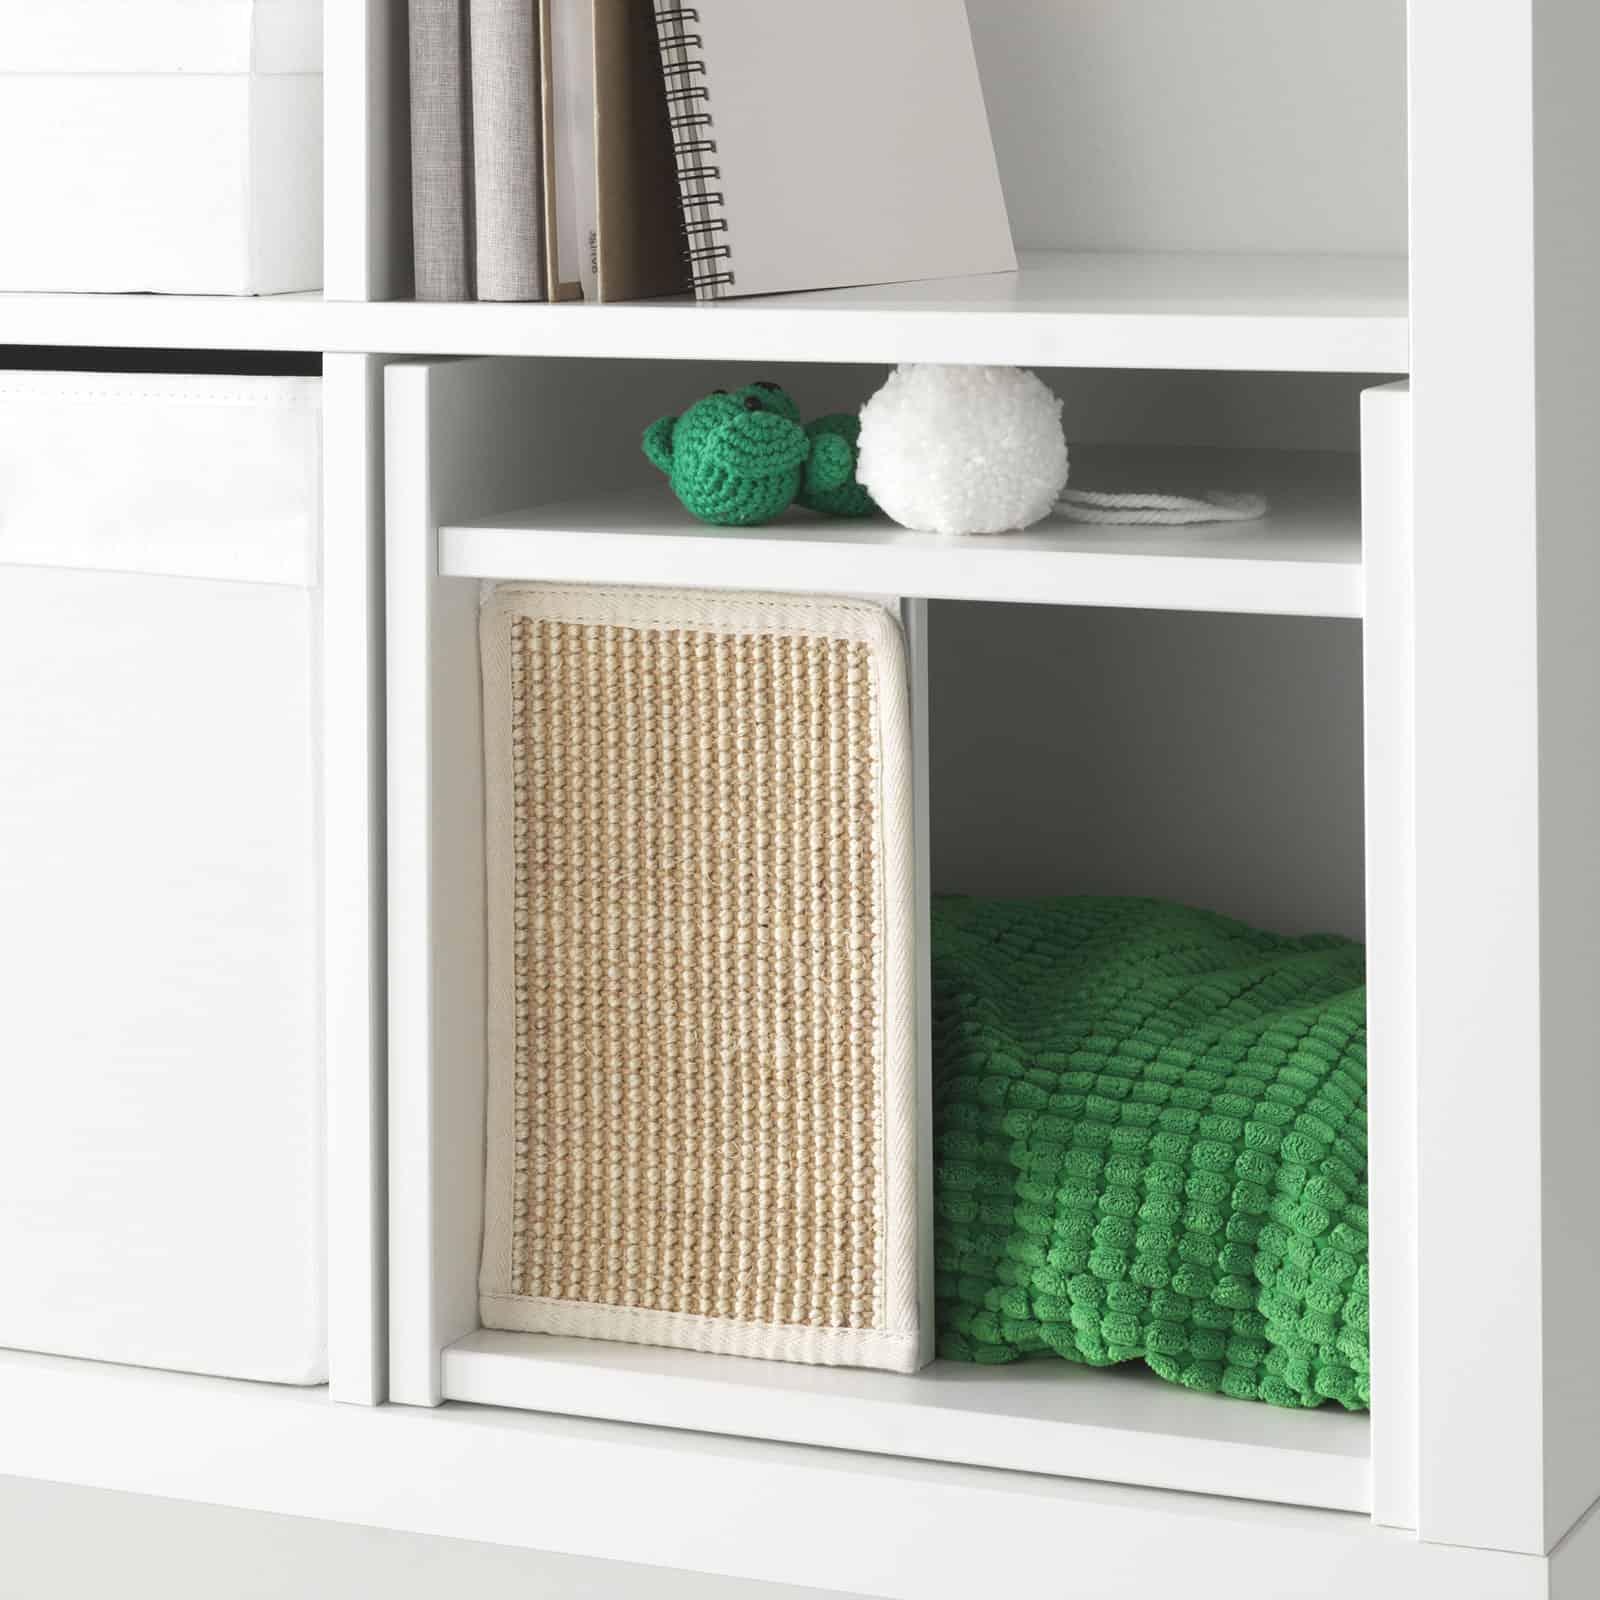 ikea lance lurvig pour nos animaux de compagnie. Black Bedroom Furniture Sets. Home Design Ideas